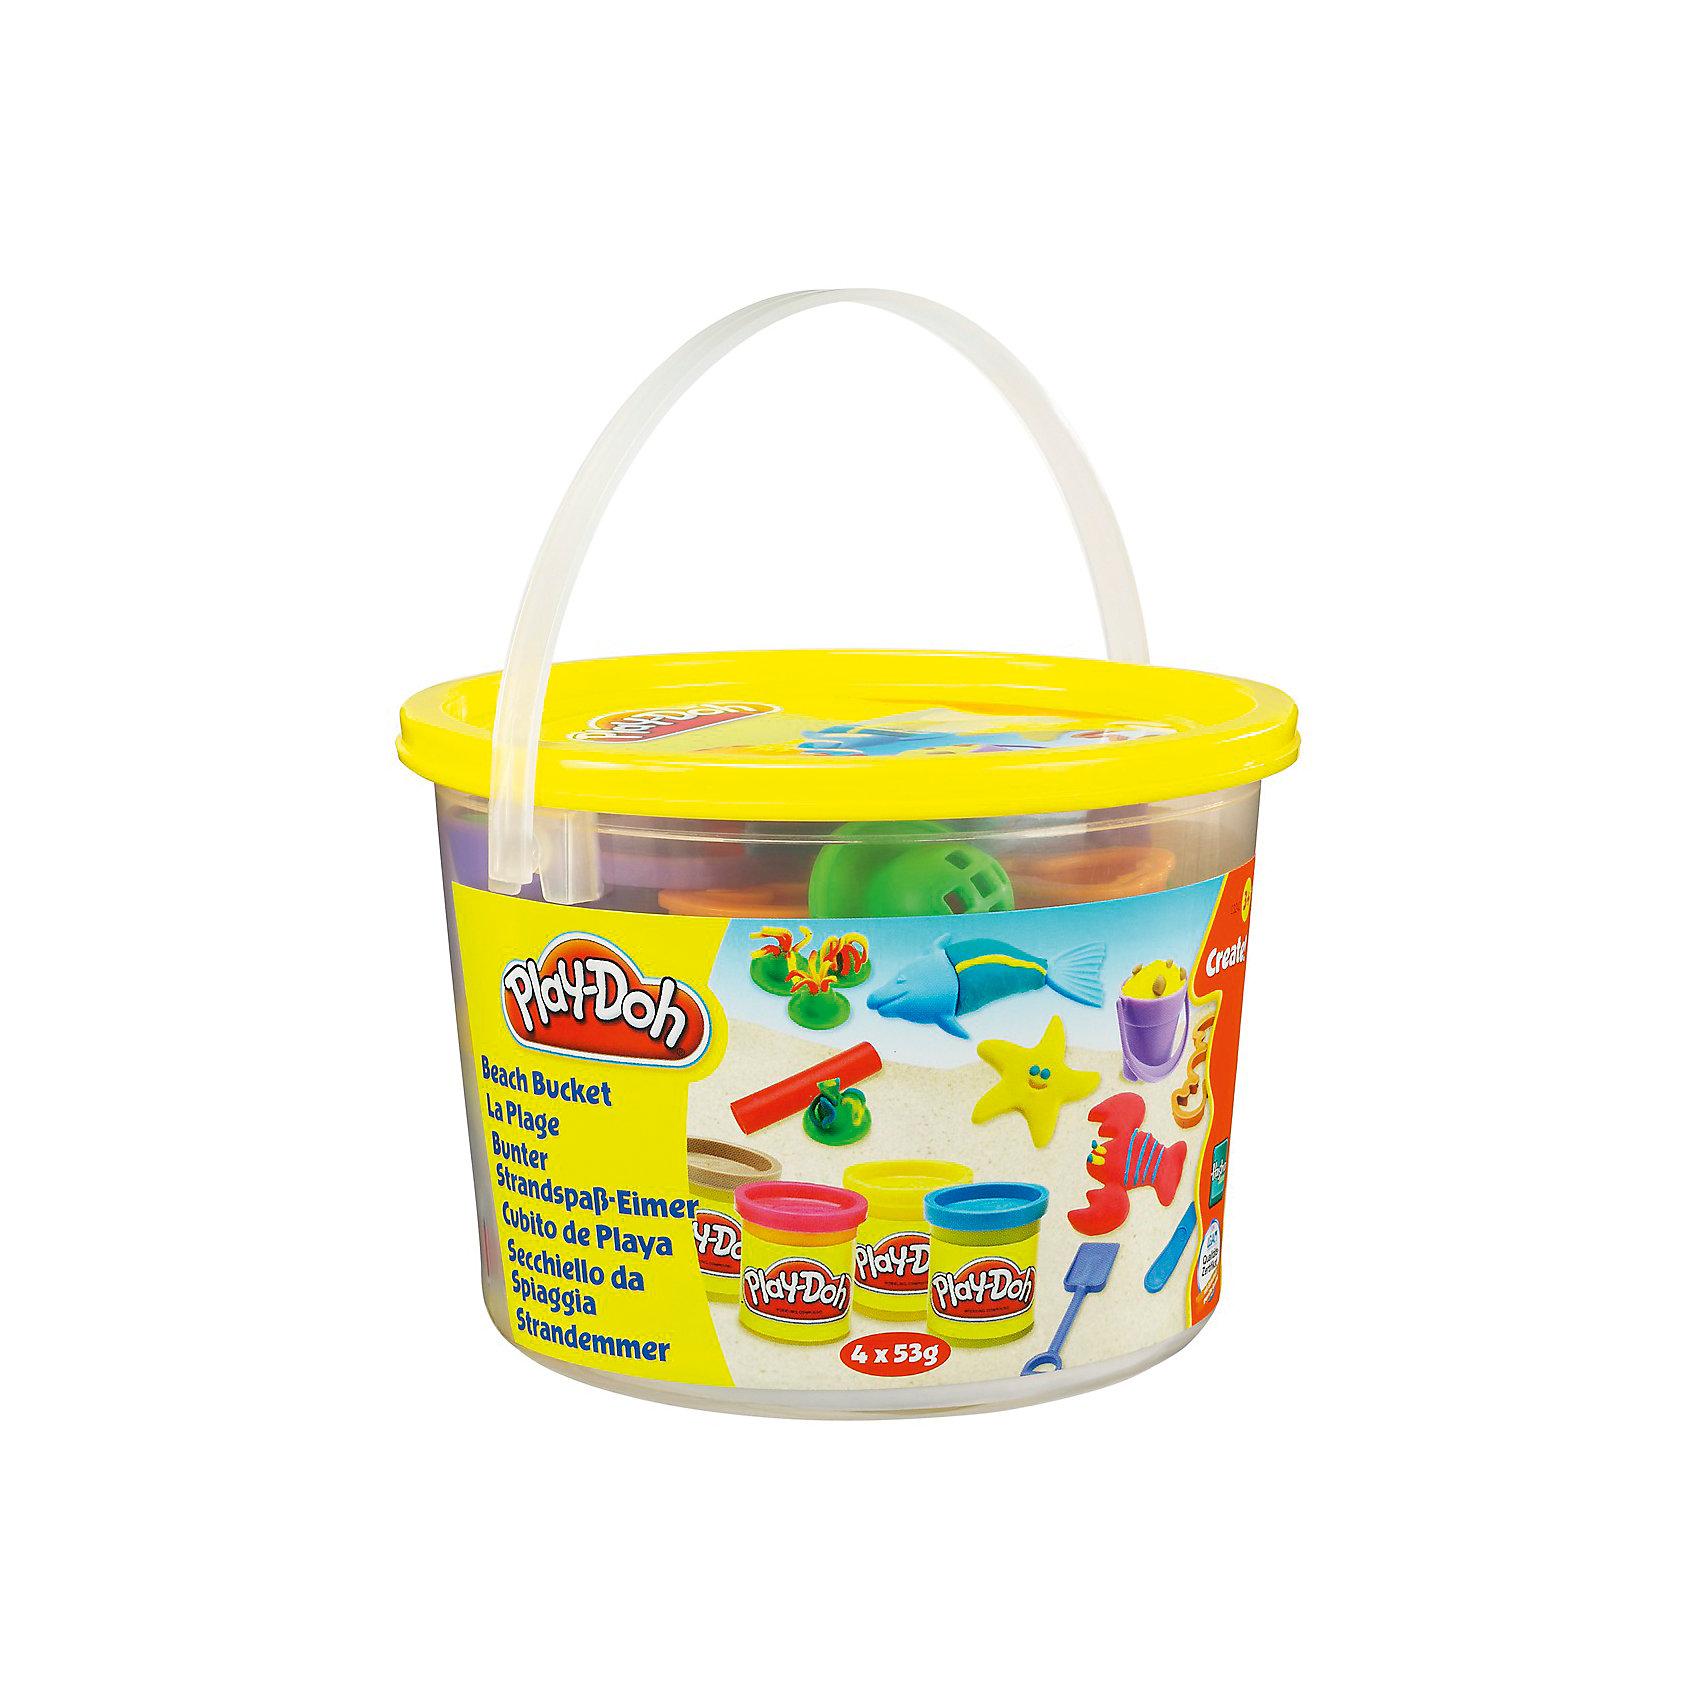 Мини-набор для лепки Play-Doh - ПляжНаборы для лепки<br>Игровой набор Ведерочко, Play-Doh<br><br>Характеристики:<br><br>- в набор входит: 4 цвета теста, 8 формочек, аксессуары, ведерко<br>- состав: вода, мука, соль, красители<br>- размер упаковки: 14,5 * 10 * 14,5 см.<br>- вес: 226 гр.<br>- для детей в возрасте: от 3 до 6 лет<br>- Страна производитель: Китай<br><br>Тесто для лепки Play-Doh (Плей-До) от известного американского производителя товаров для детей Hasbro (Хасбро) понравится детям, которые знакомятся с лепкой. Мягкое, безопасное, нетоксичное тесто состоит из натуральных компонентов, не прилипает к пальчикам и прекрасно смешивается между собой. Этот набор отличается своей оригинальной тематикой и понравится детишкам интересующимся животными и пляжем. <br><br>В удобном для хранения ведерке лежат четыре отдельные закрывающиеся  баночки с желтым, красным, синим и специальным песочным тестом. Песочное тесто выполнено по специальной технологии и наощупь напоминает мокрый песок с небольшими блестящими песчинками. Так же в набор входят разные интересные формочки, такие как: морская звезда, лобстер и рыбка состоящая из двух формочек. <br><br>Для творения морских шедевров в наборе имеется и небольшая круглая скалочка, лопатка с выемкой отпечатка следа, ведерко, пластиковый ножичек. 4 дополнительные формочки с выемками помогут вылепить необычные морские водоросли и растения. Цвета теста можно легко комбинировать между собой и смешивать, можно купить любое тесто для лепки Play-Doh (Плей-До) и оно сможет смешаться с тестом из набора. <br><br>Не рекомендуется хранить тесто для лепки на открытом воздухе. Работа с тестом для лепки помогает развить моторику ручек, внимание, творческие способности, тактильное и цветовое восприятие, поможет научиться смешивать цвета и добиться аккуратности в работе с формочками. <br><br>Игровой набор Ведерочко, Play-Doh можно купить в нашем интернет-магазине.<br><br>Ширина мм: 145<br>Глубина мм: 145<br>Высота мм: 105<br>Вес г: 372<br>Возраст